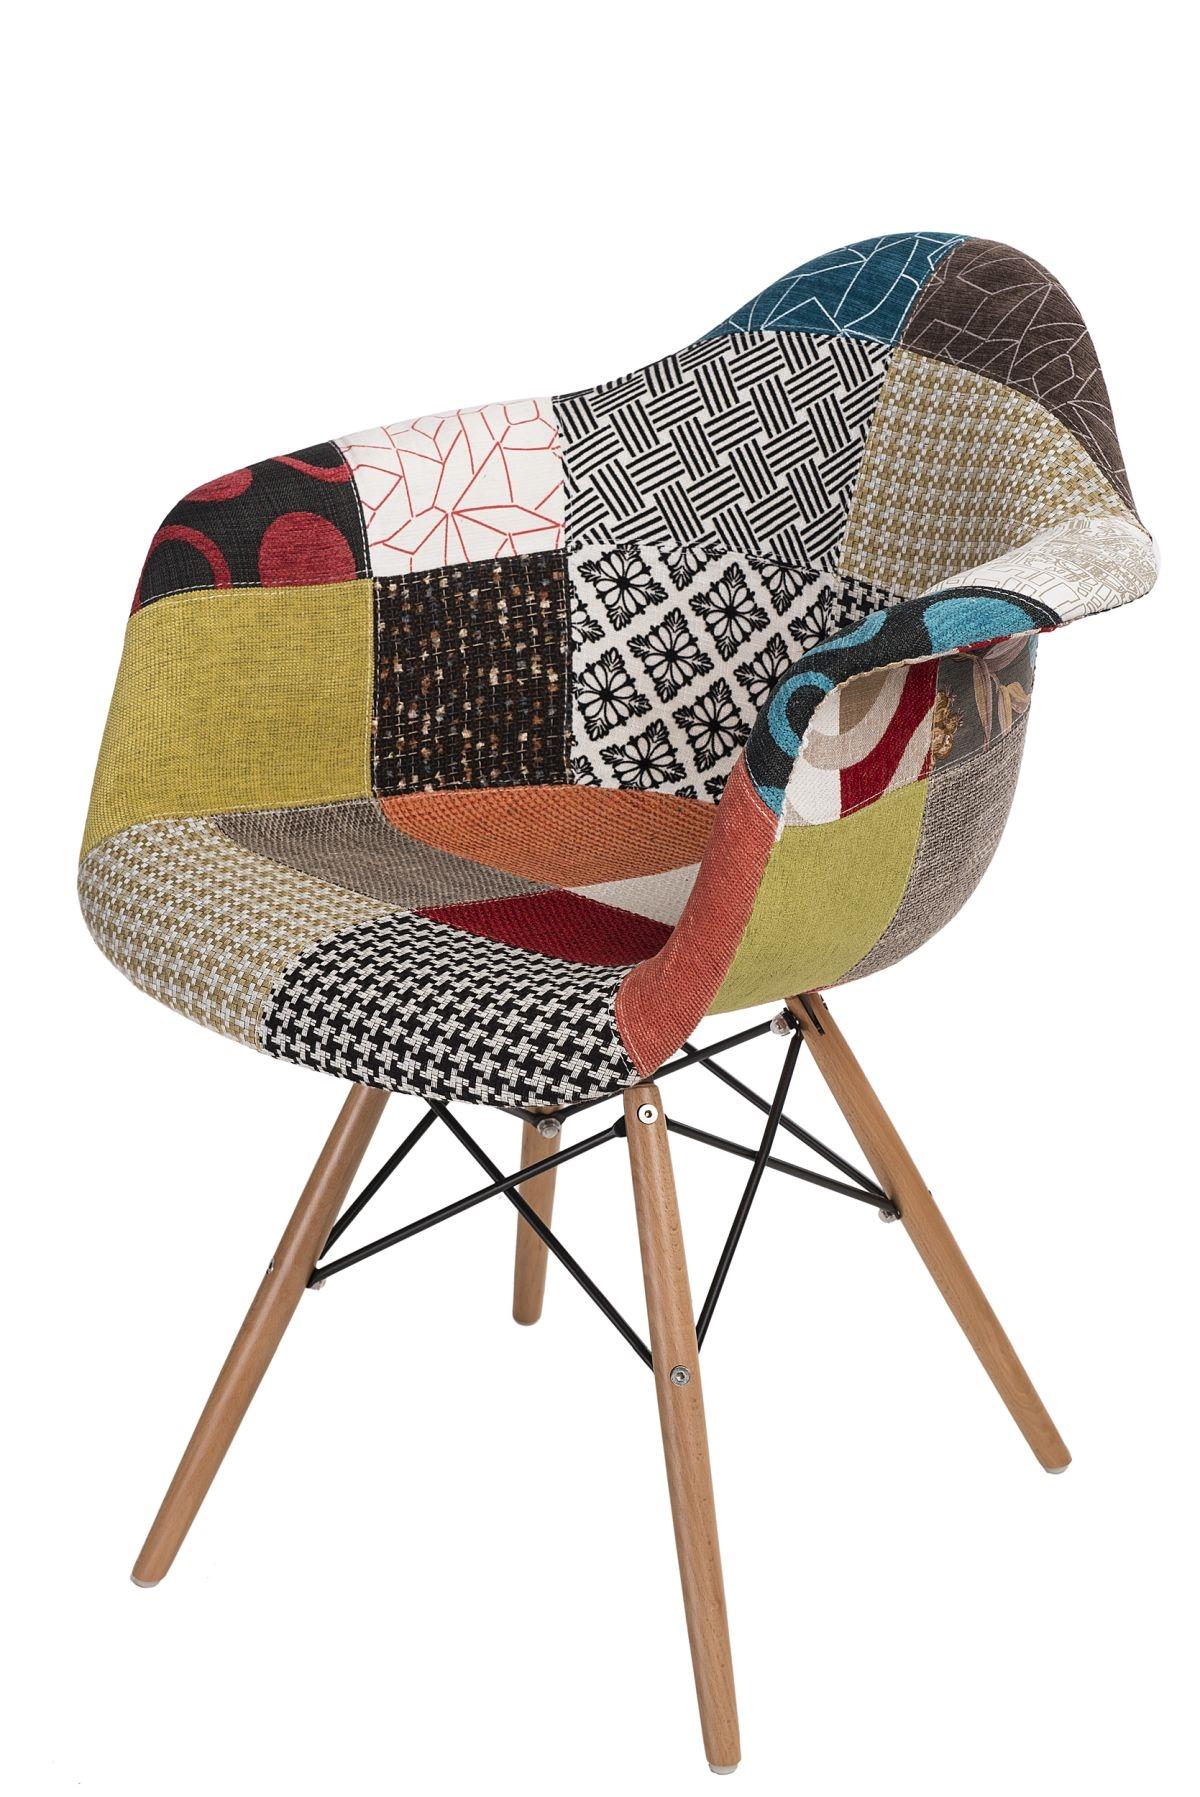 Jídelní židle s dřevěnou podnoží Blom patchwork, barevná